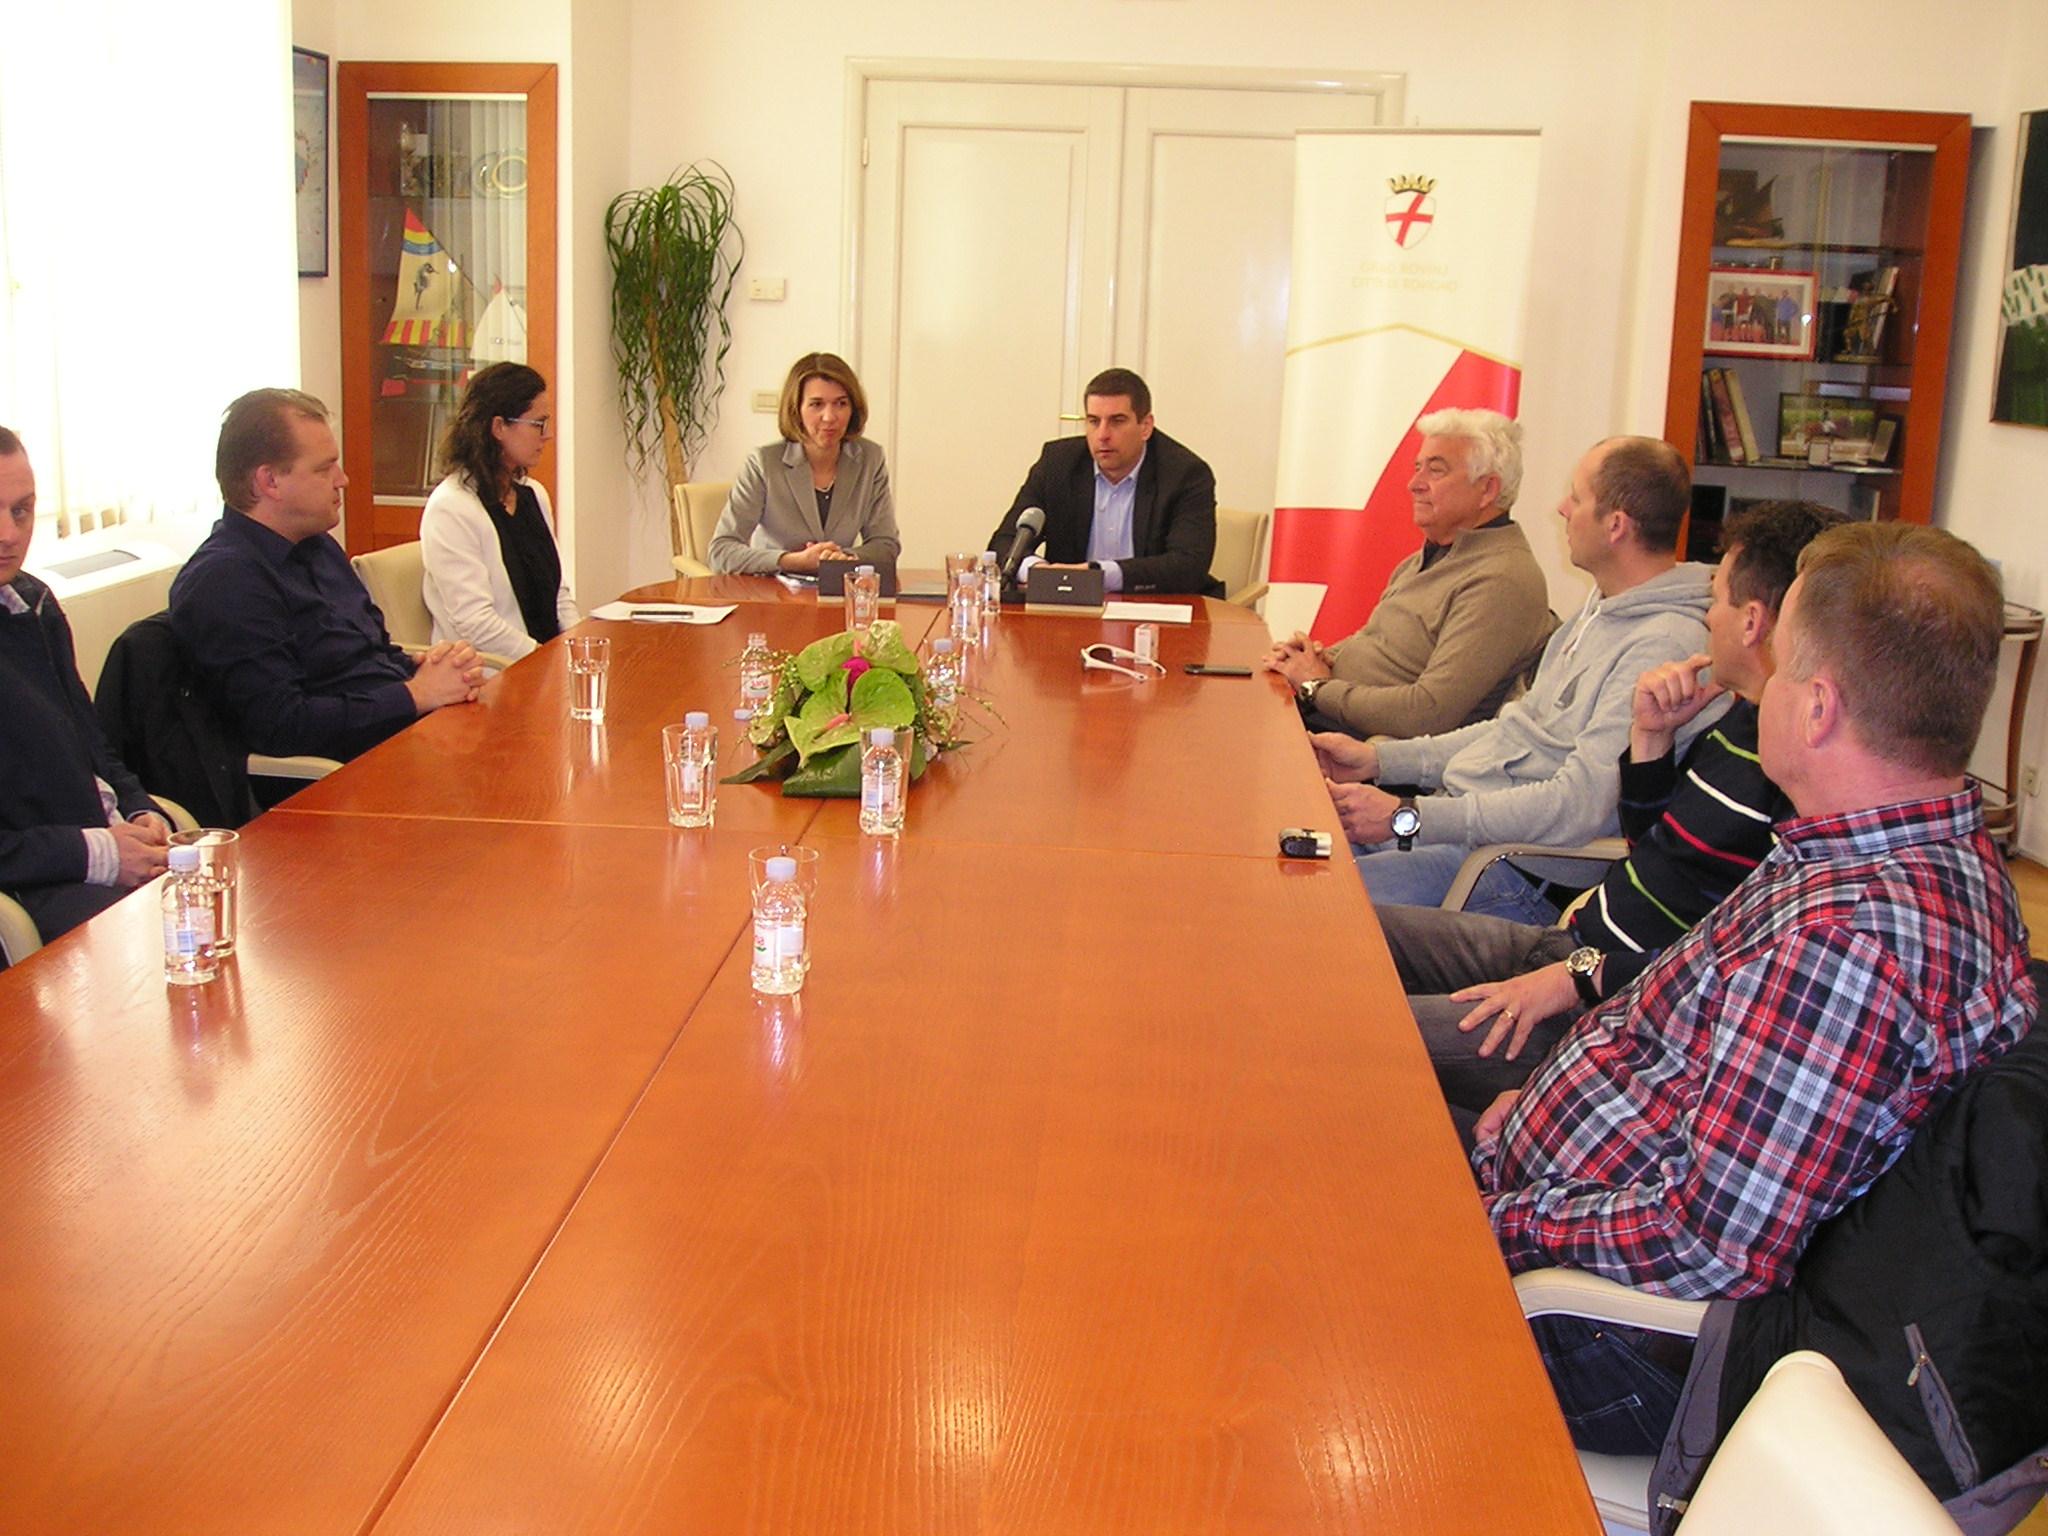 Firmati i contratti d'affitto per la zona imprenditoriale Gripole-Spiné